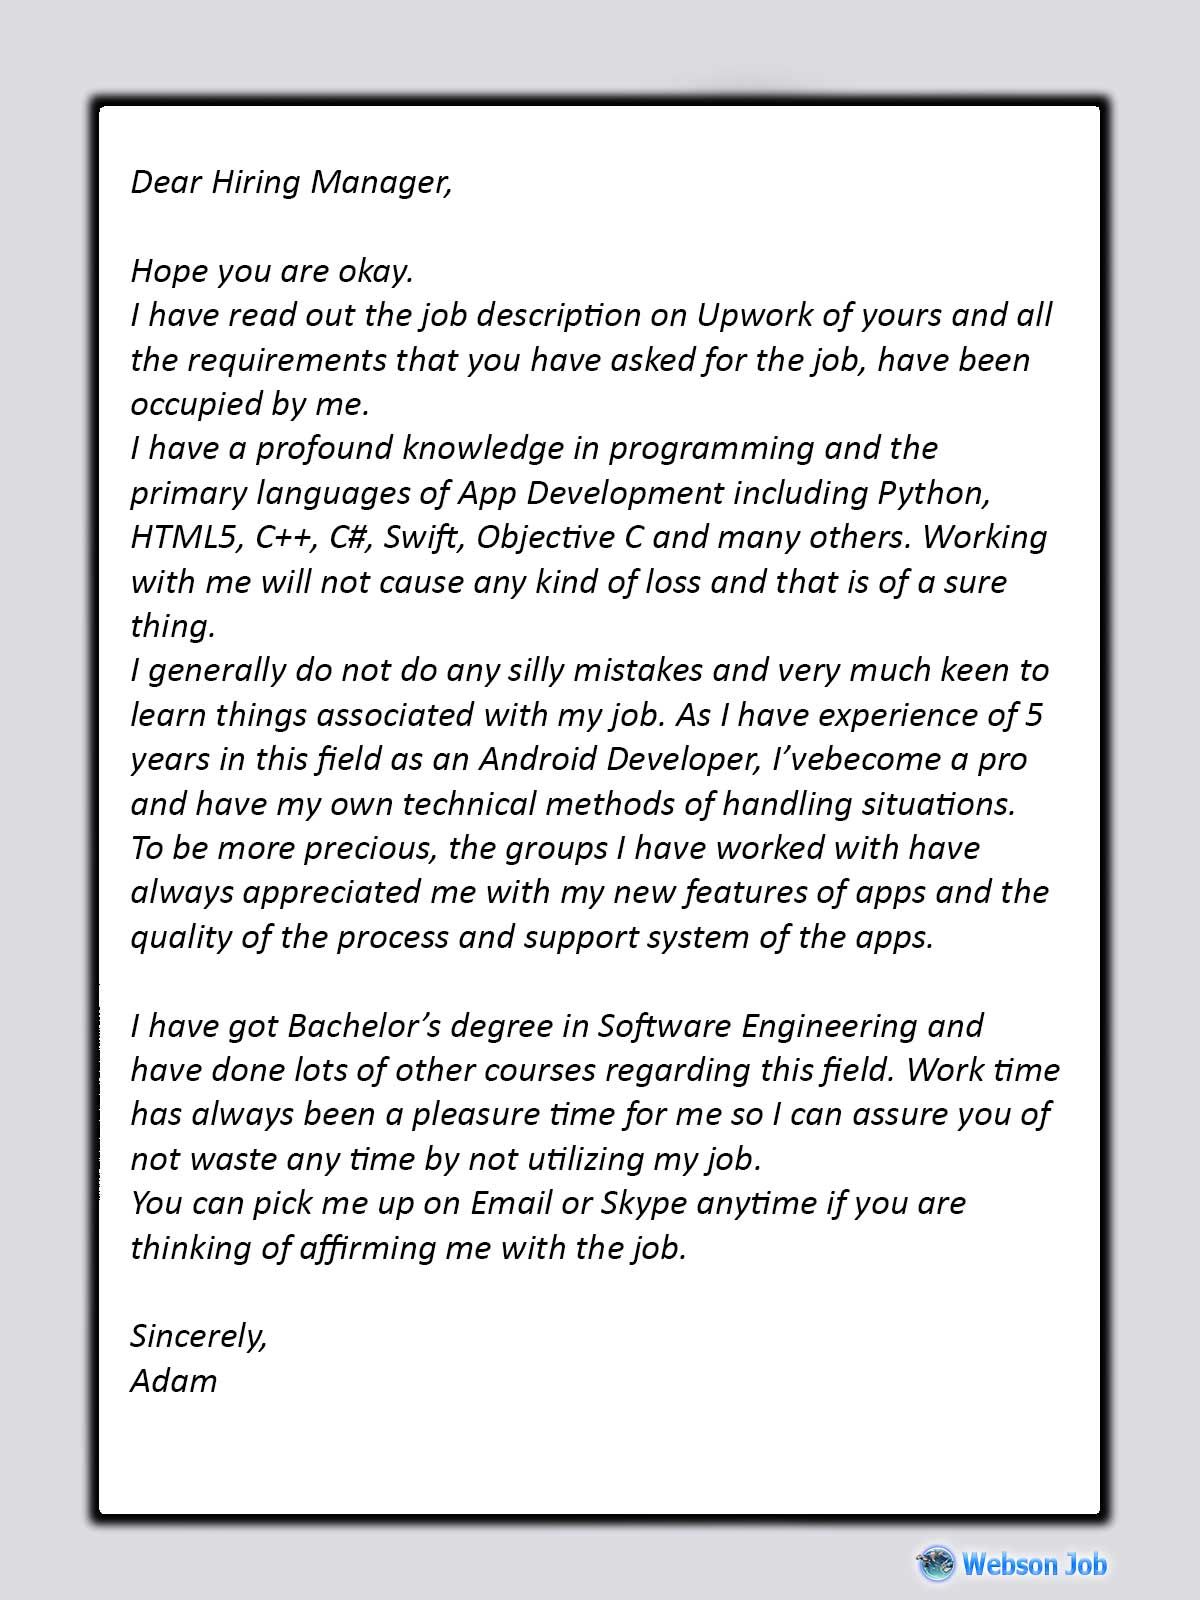 Upwork Proposal Sample For Android Developer 2020 In 2020 Proposal Sample Writing A Cover Letter Upwork